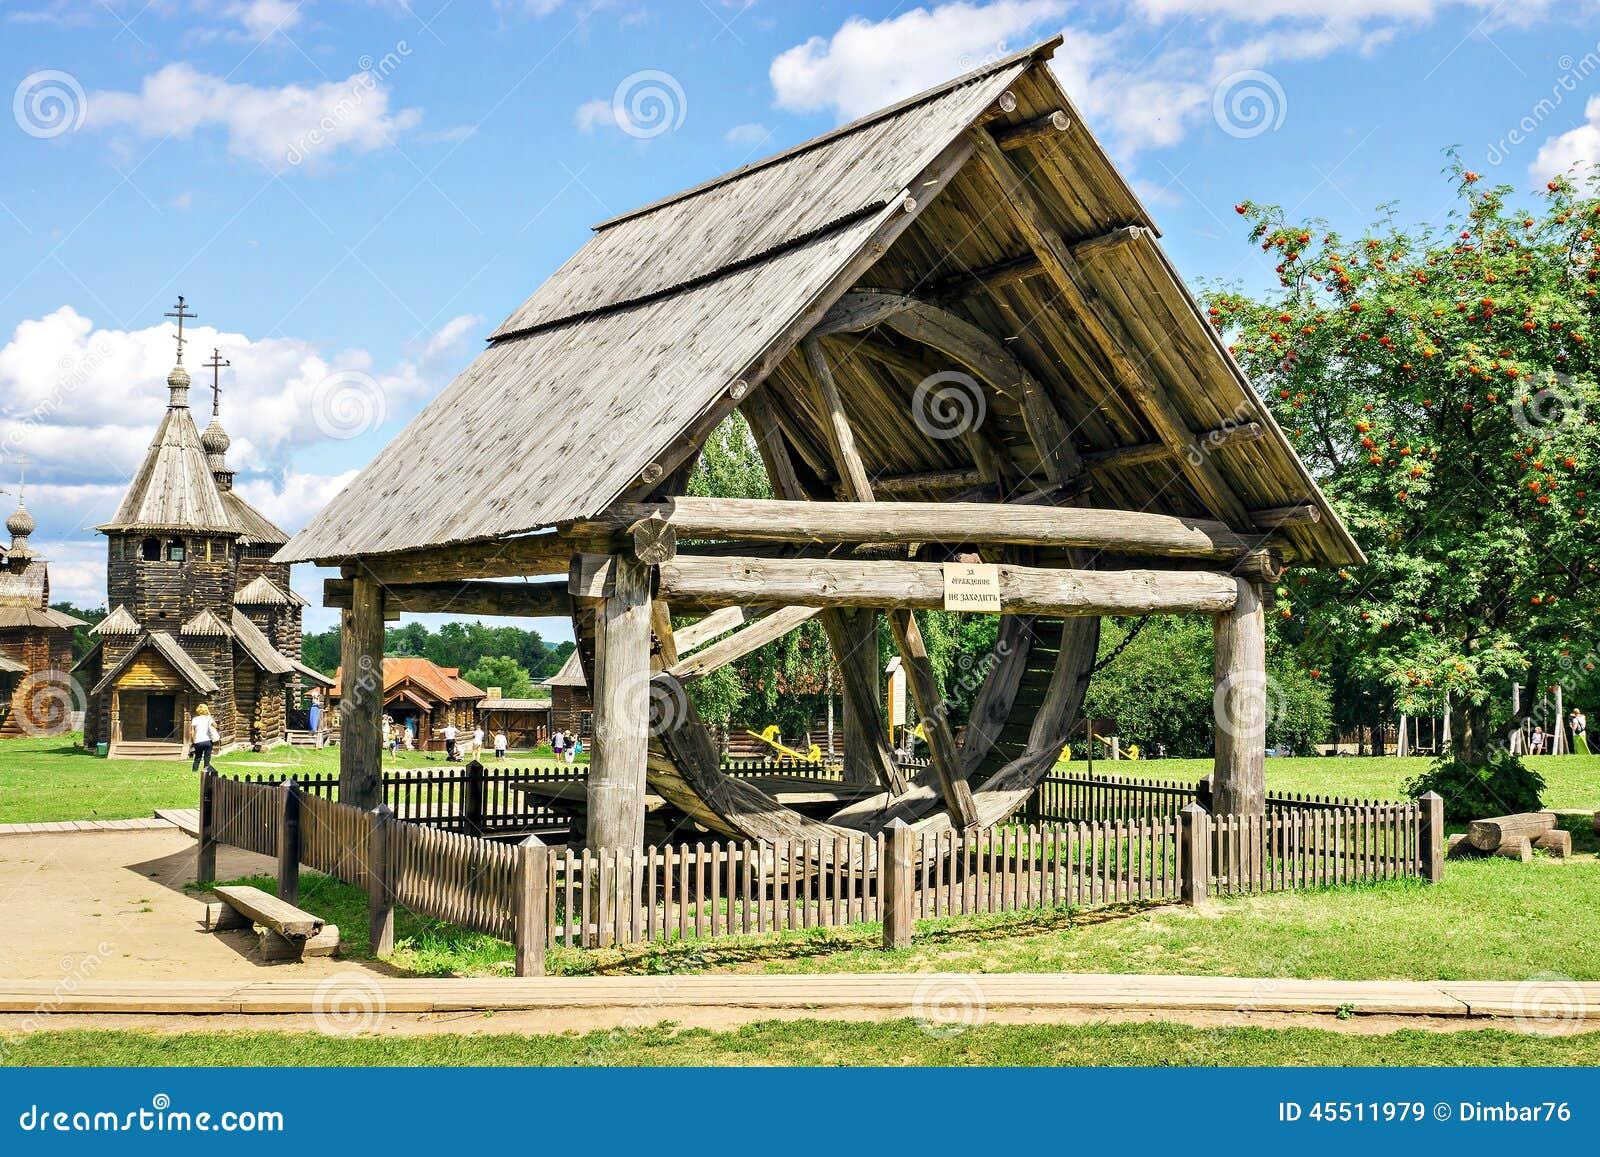 Museo de la arquitectura de madera en suzdal rusia foto for Arquitectura de madera